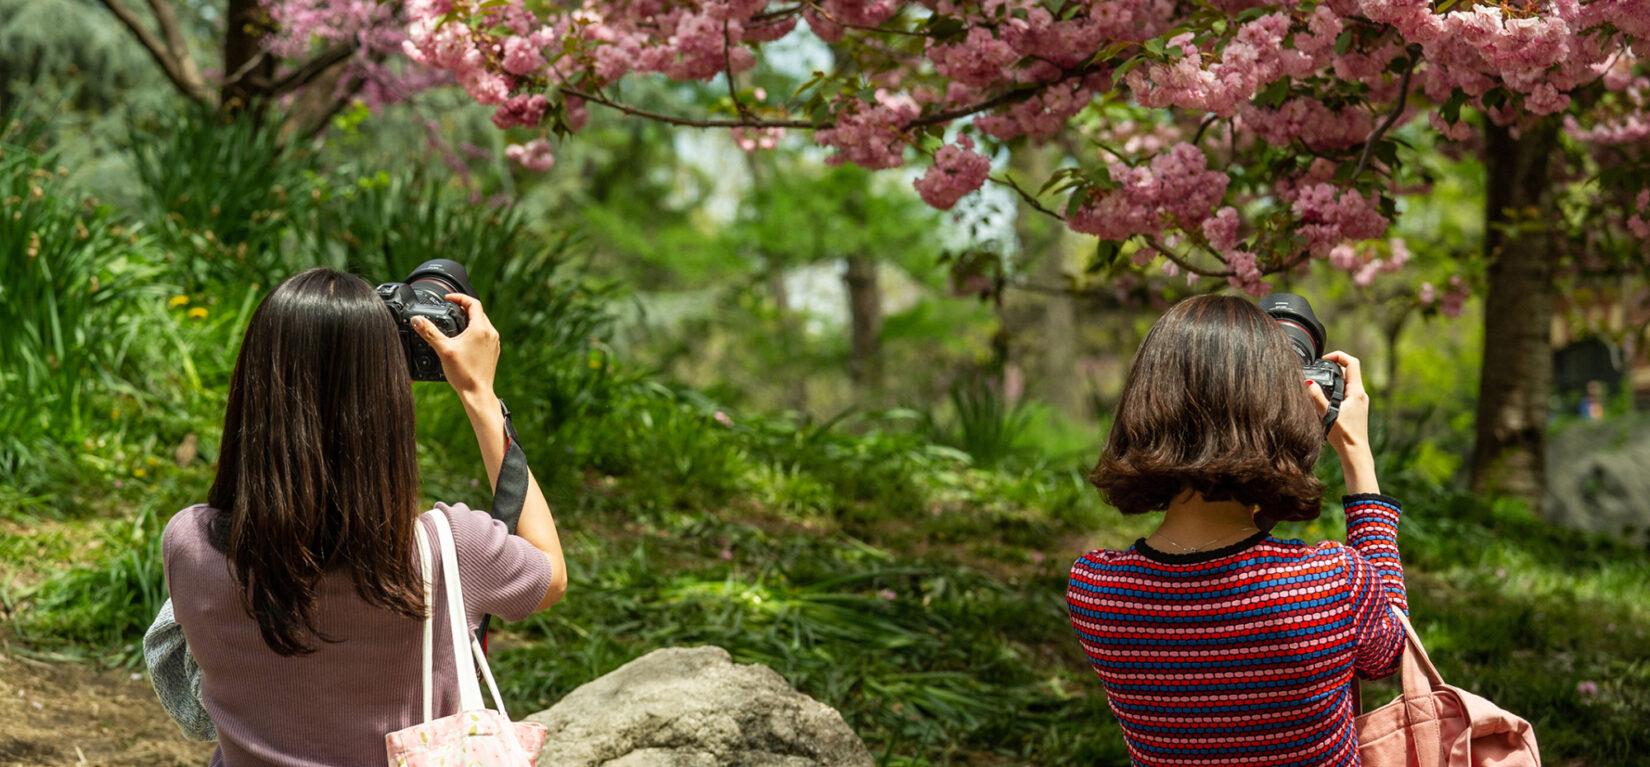 Two women taking photos of cherry trees